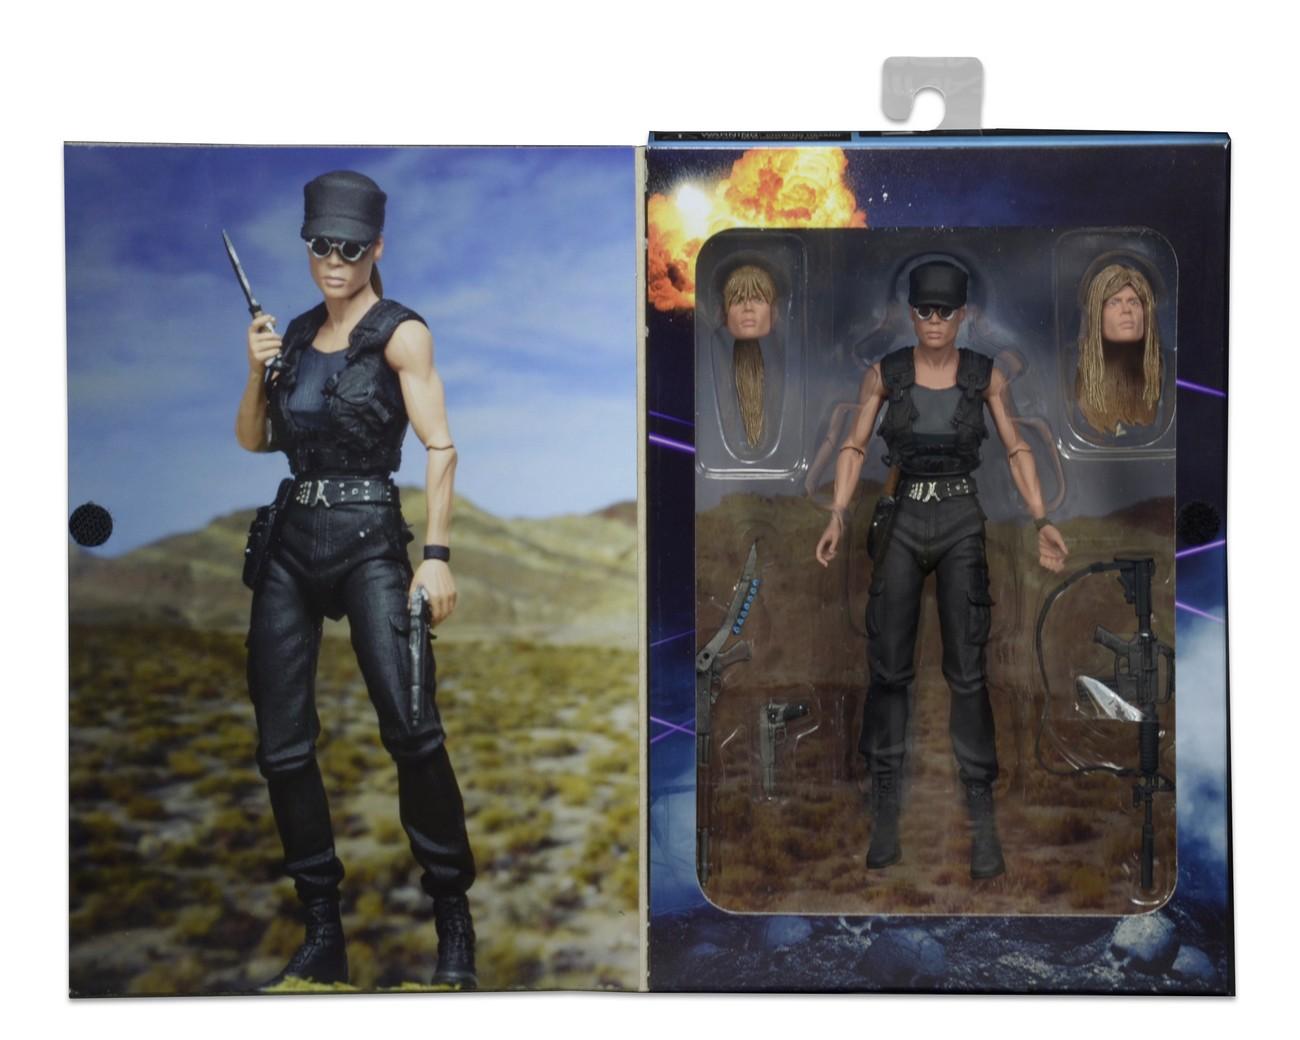 NECA Toys Closer Look: Terminator 2 Ultimate Sarah Connor 7″ Figure